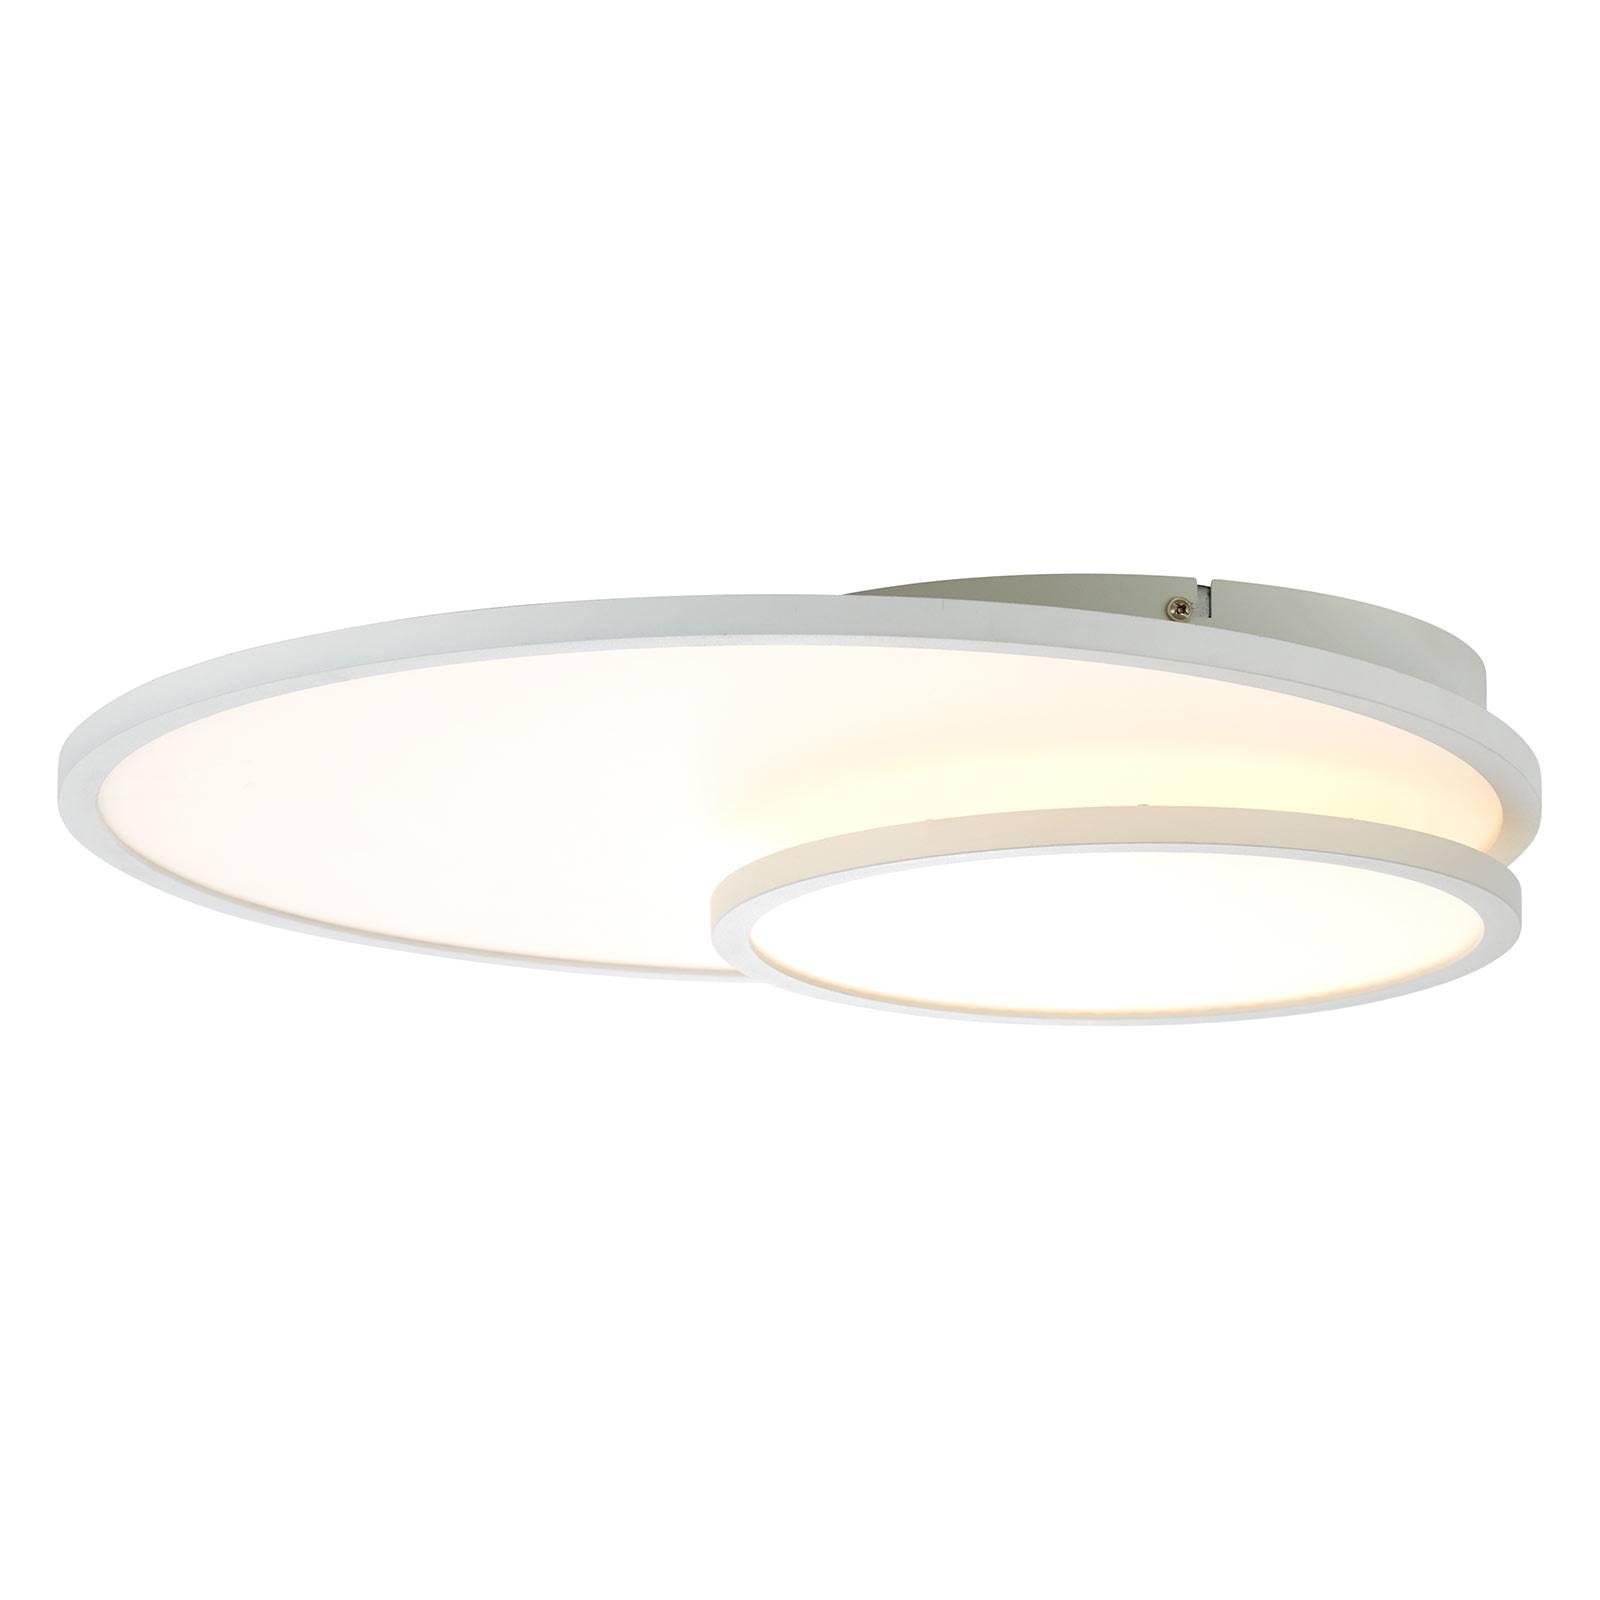 Lampa sufitowa LED Bility, okrągła, biała ramka